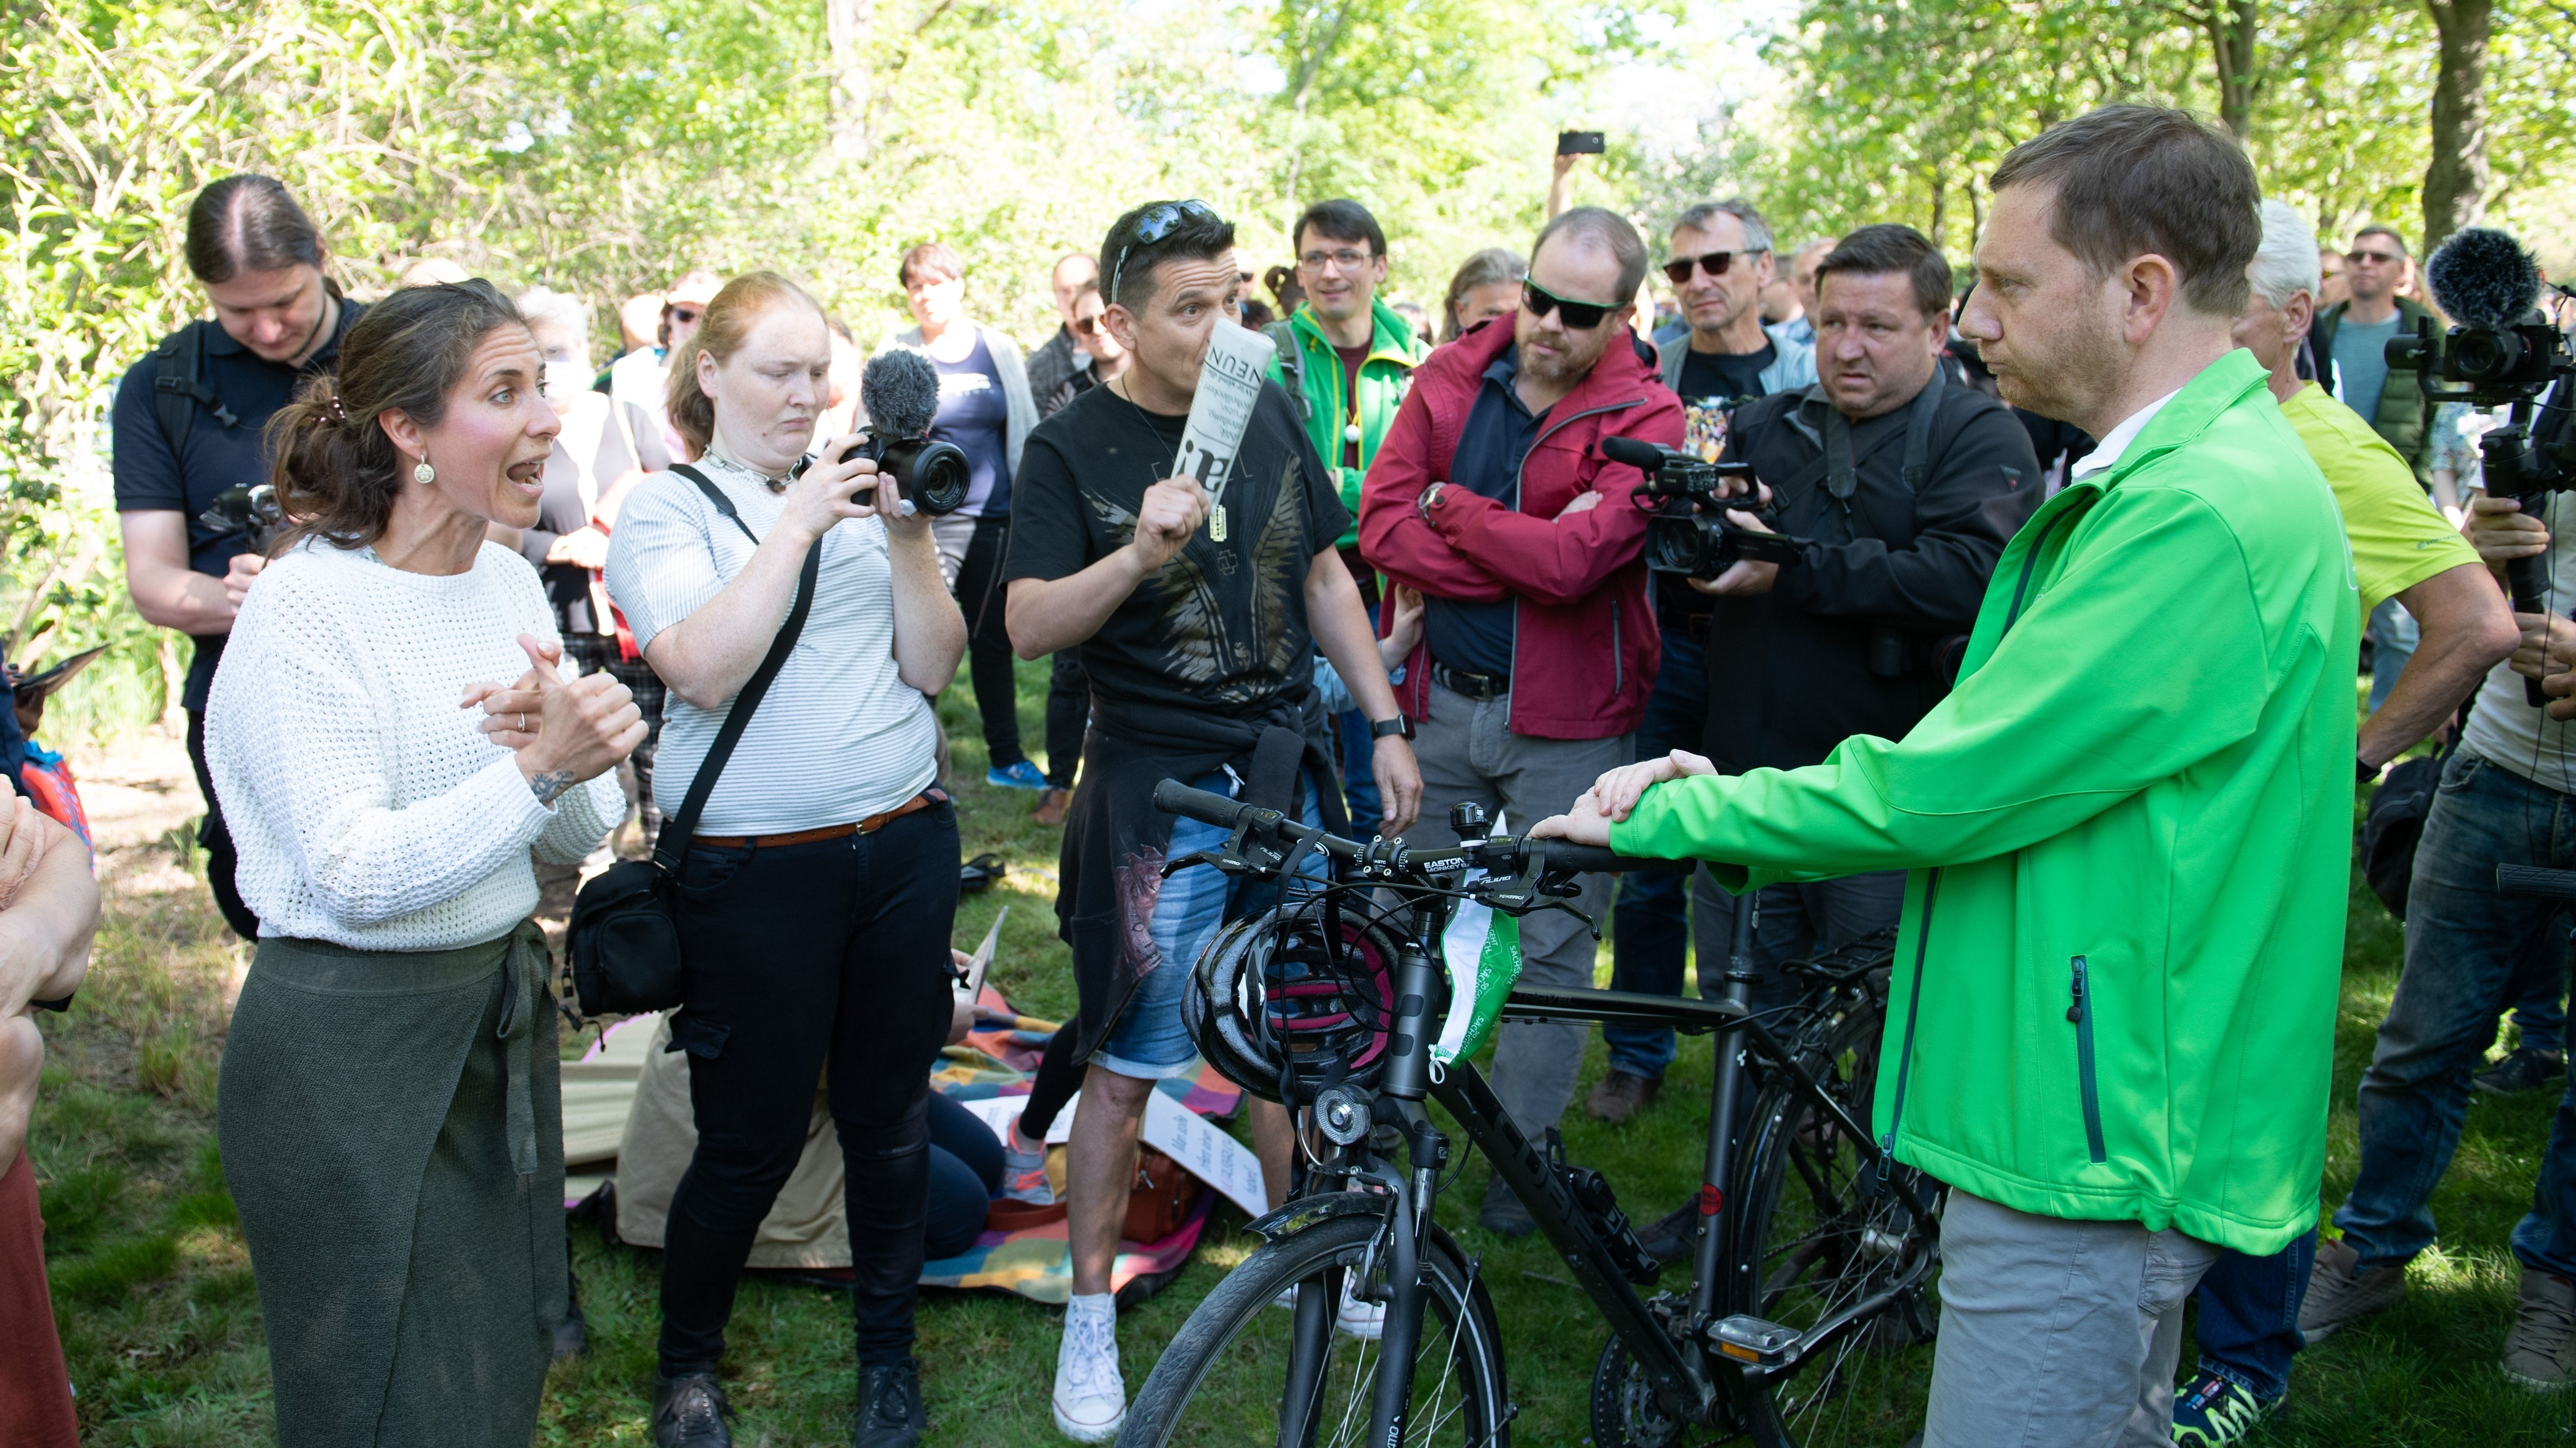 Sachsens Ministerpräsident Kretschmer (rechts im Bild) stellt sich im Großen Garten in Dresden Anhängern von Verschwörungstheorien.